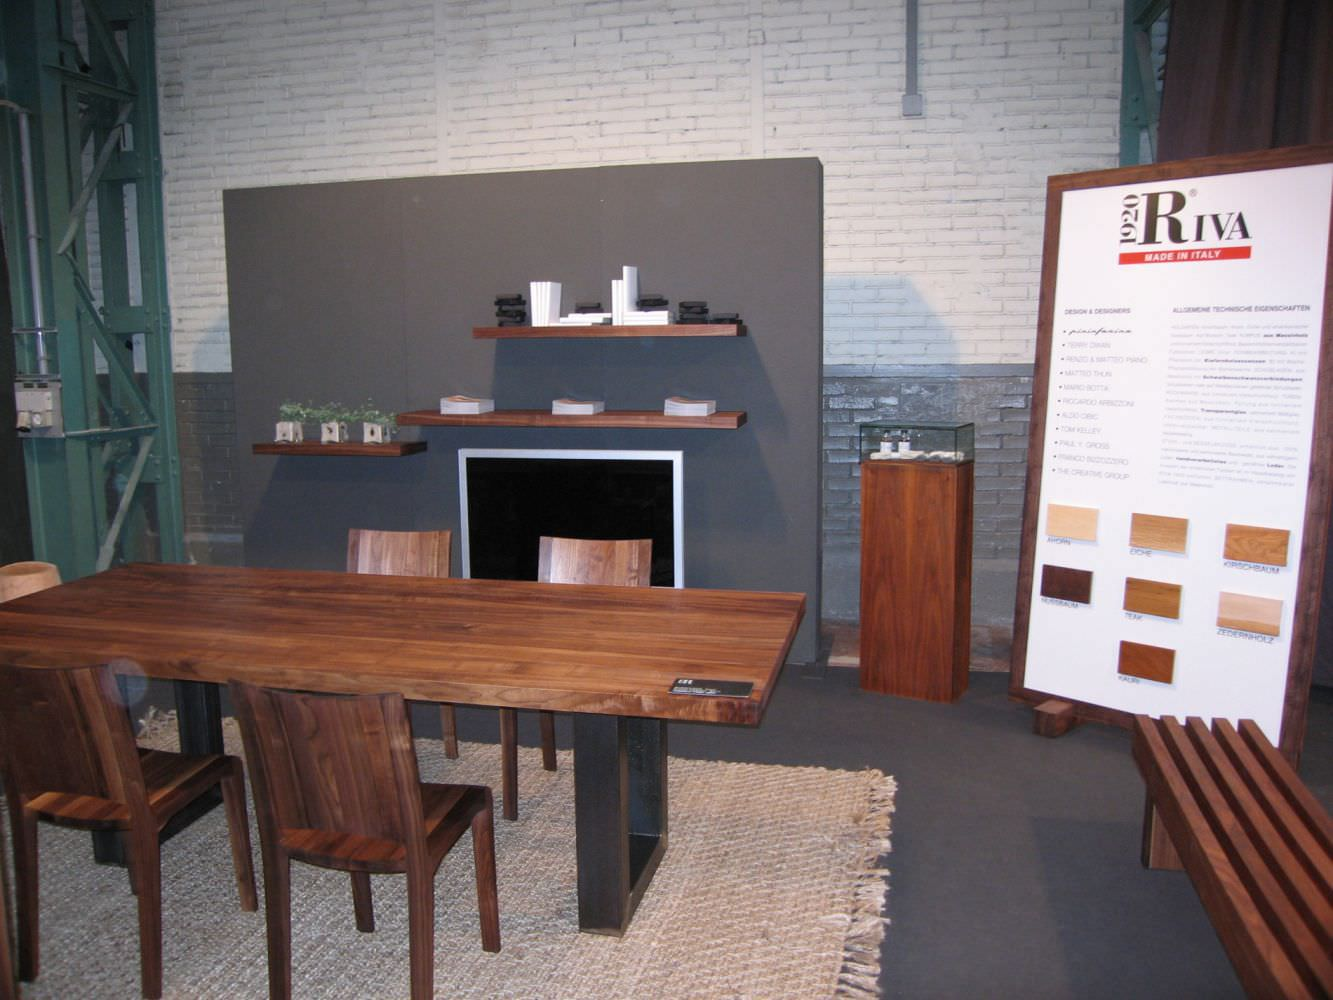 ... Moderner Tisch / Massivholz / Eisen / Edelstahl SHERWOOD Riva Industria  Mobili ...